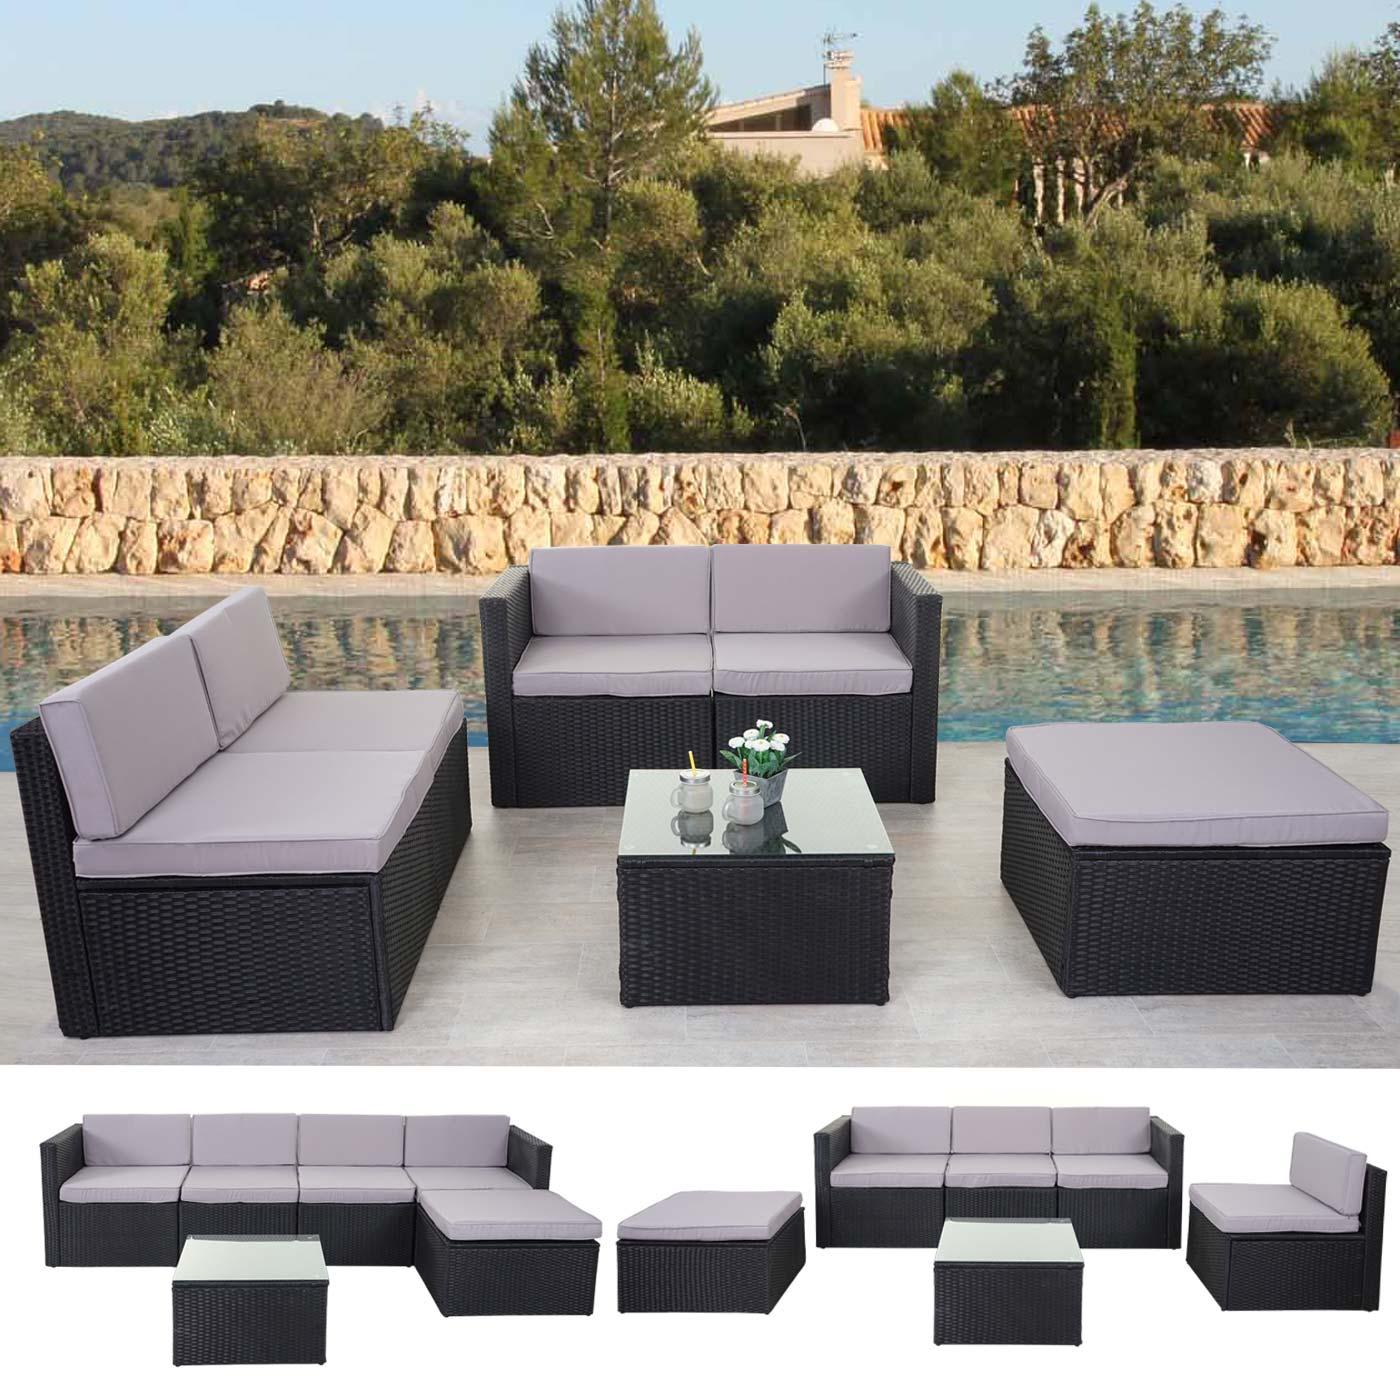 poly rattan garnitur hwc d24 gartenm bel sitzgruppe. Black Bedroom Furniture Sets. Home Design Ideas